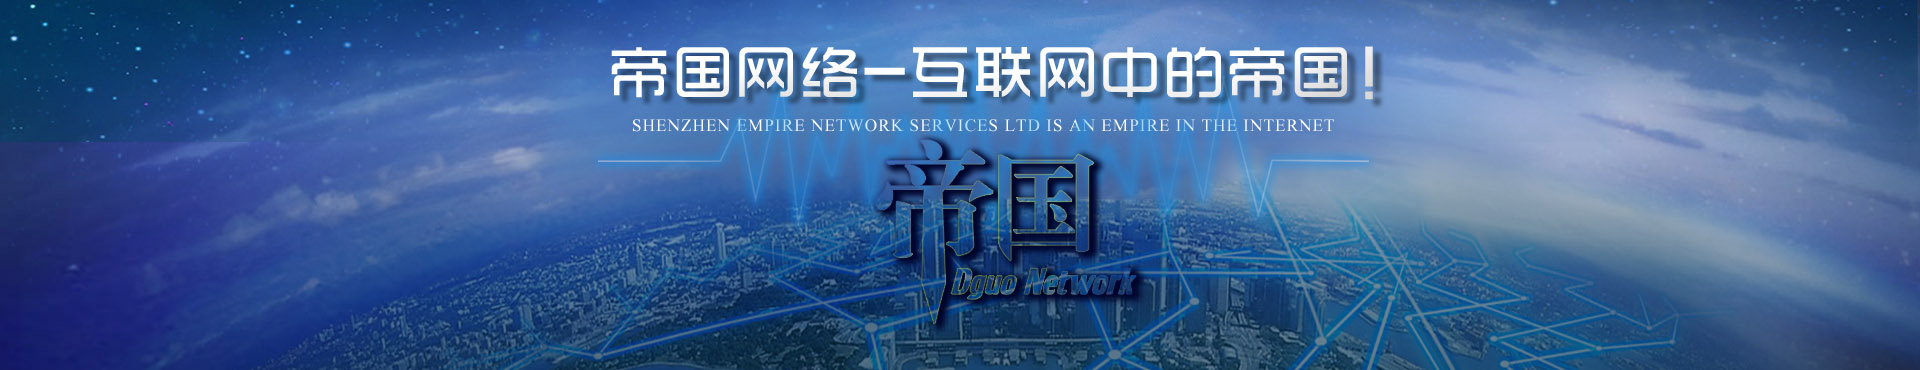 北京seo公司做企业网站优化服务内容有哪些?公司